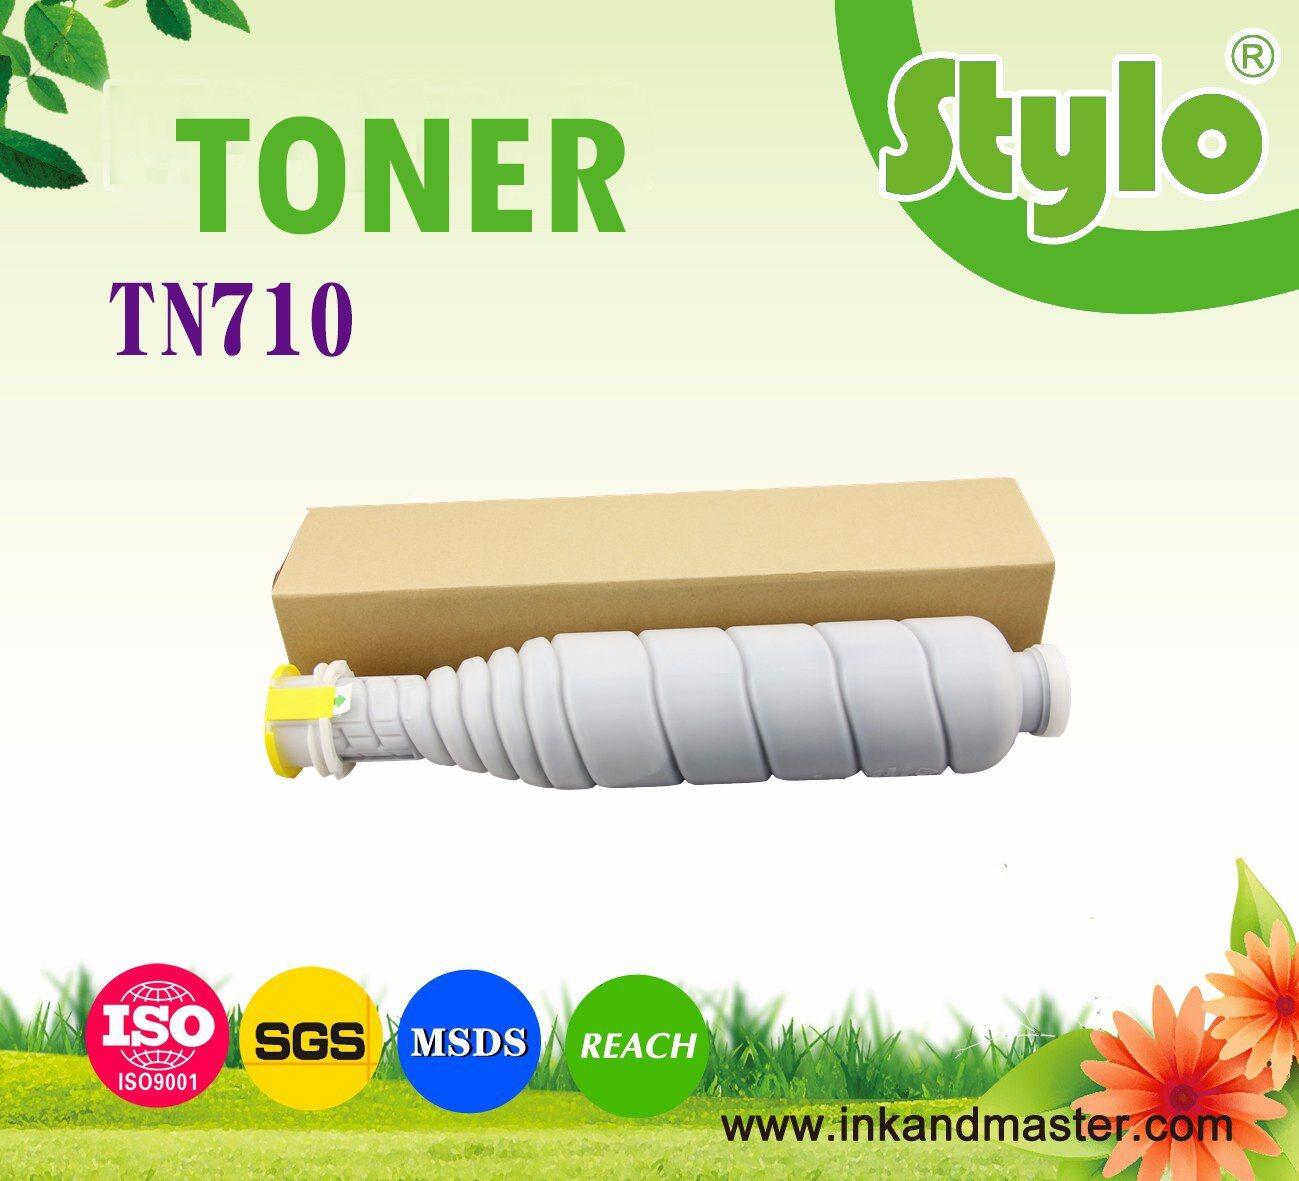 Printer Consumables Konica Minolta Toner Tn710